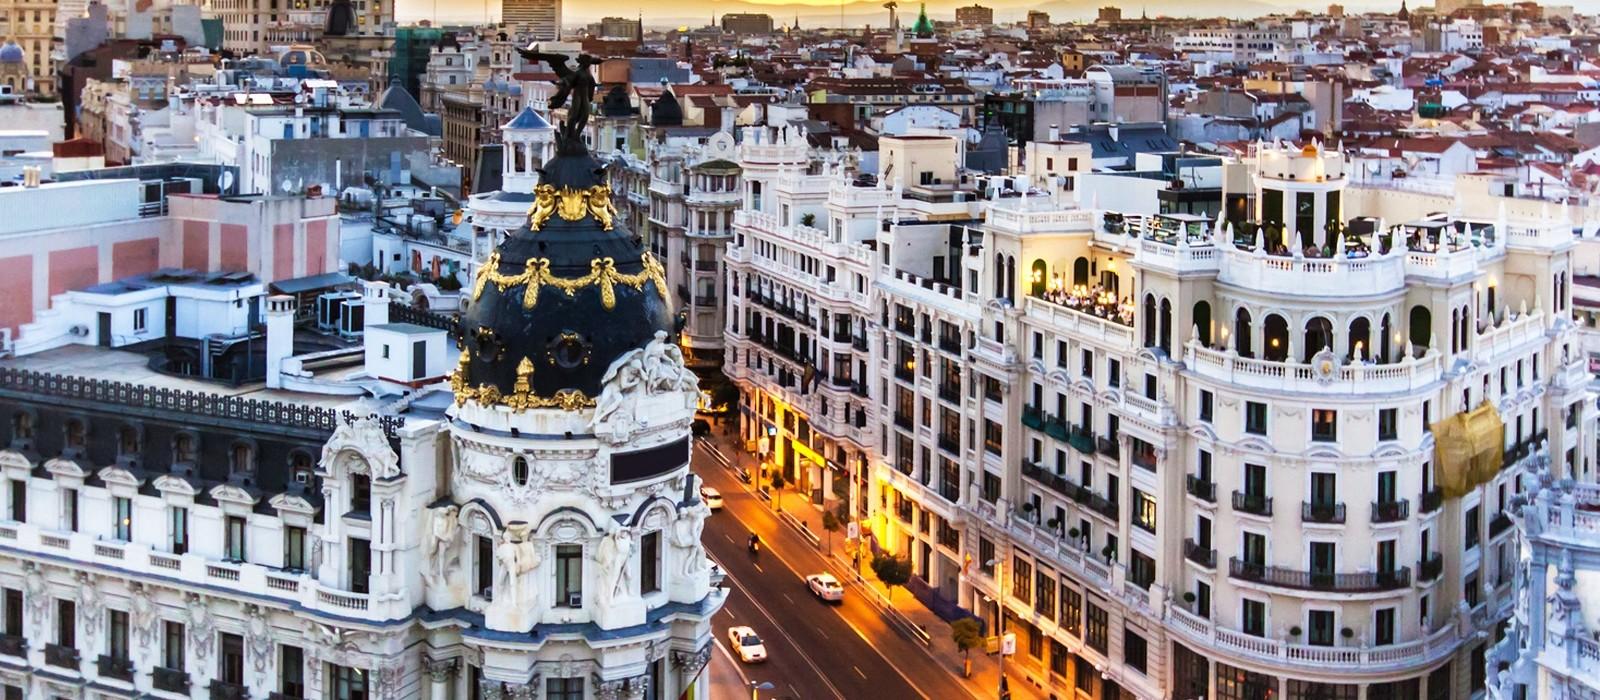 Doświadczenia z Madrytu, Hiszpania oczami Esteli